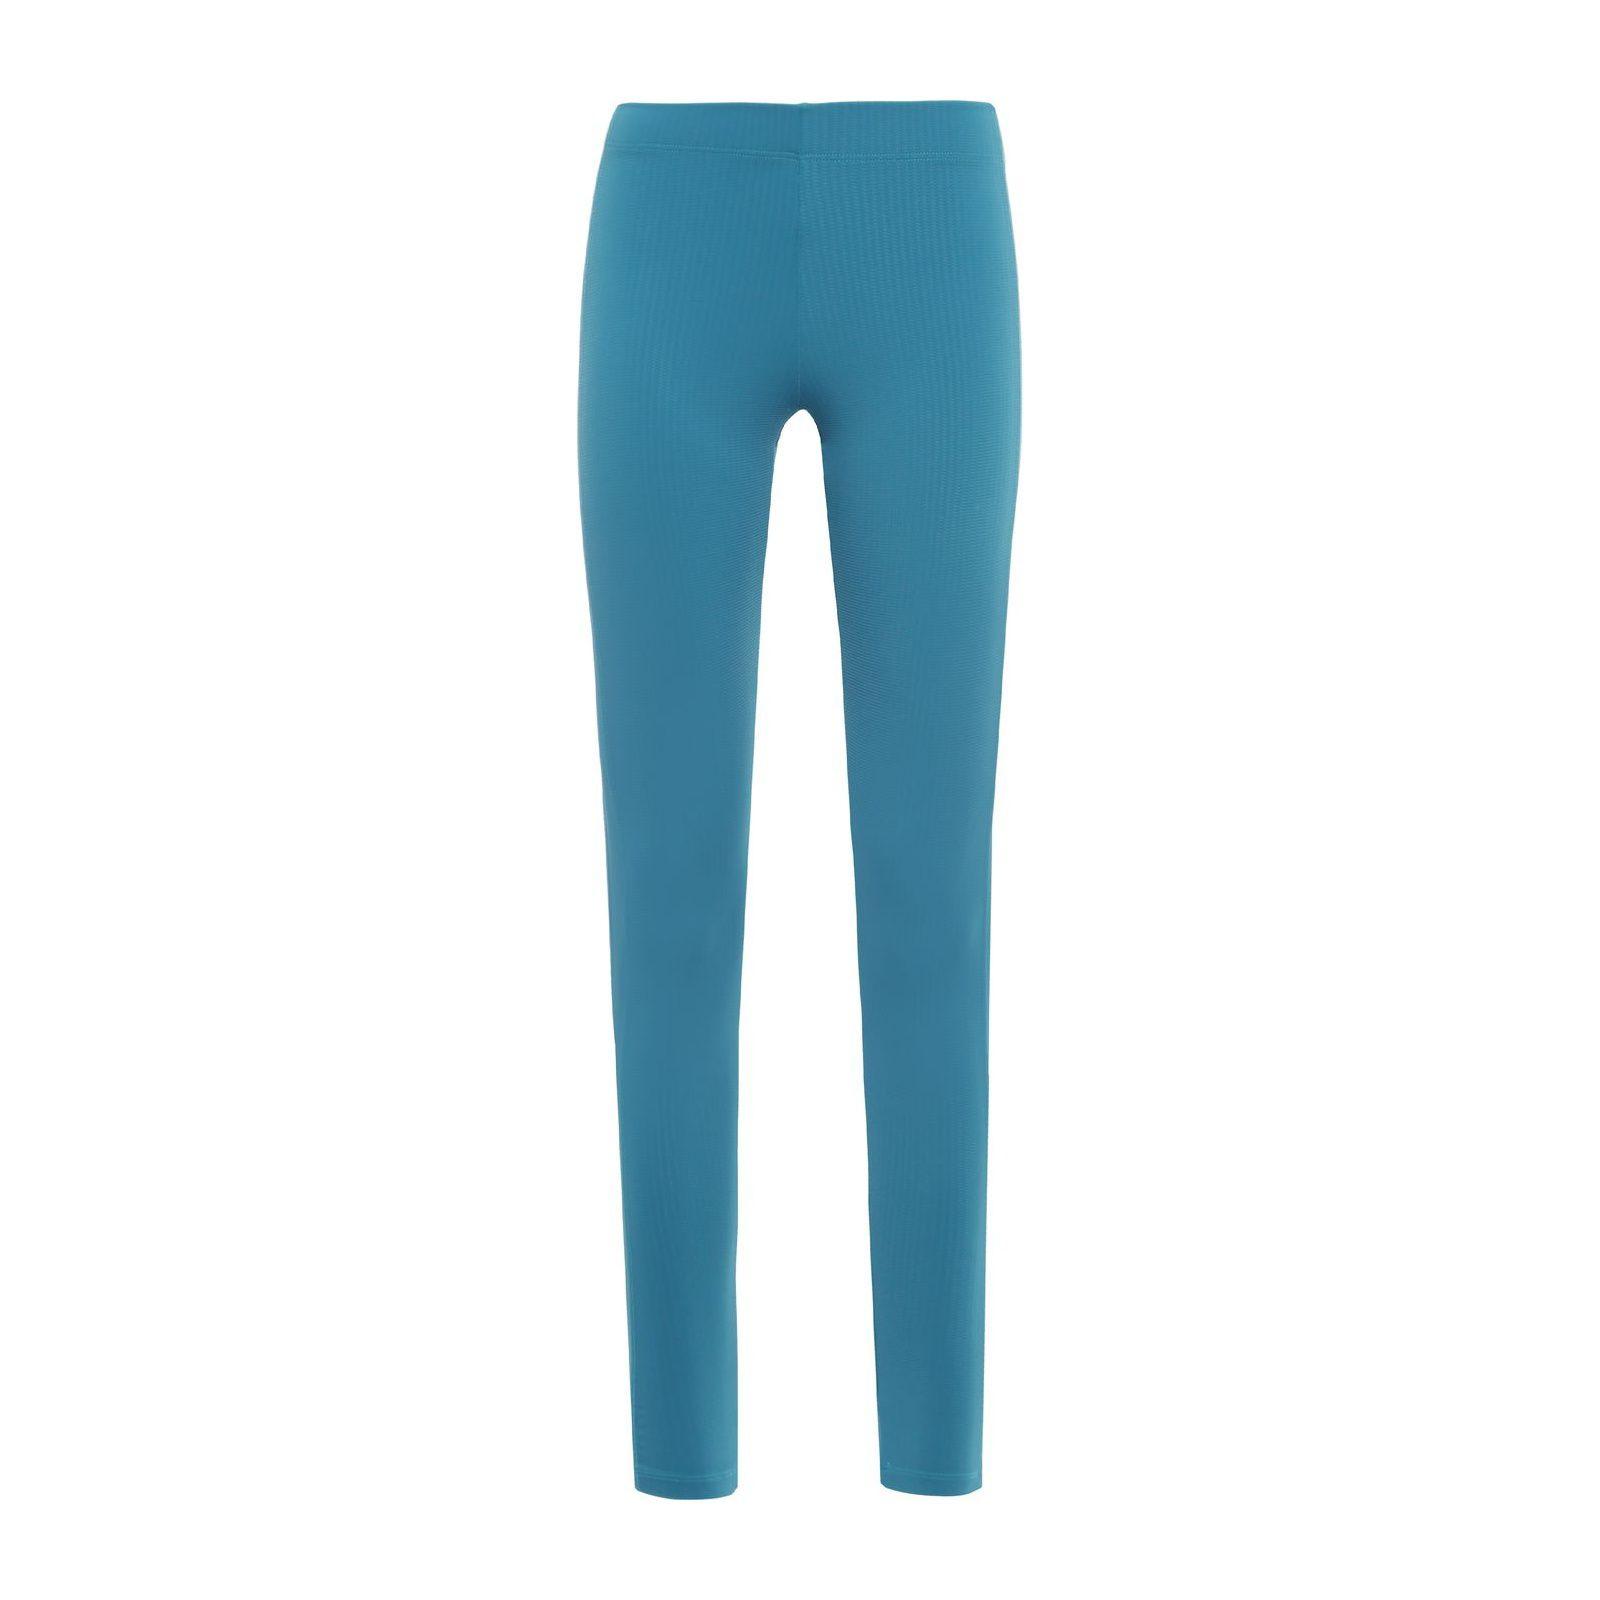 Calça Legging Cursa - Azul